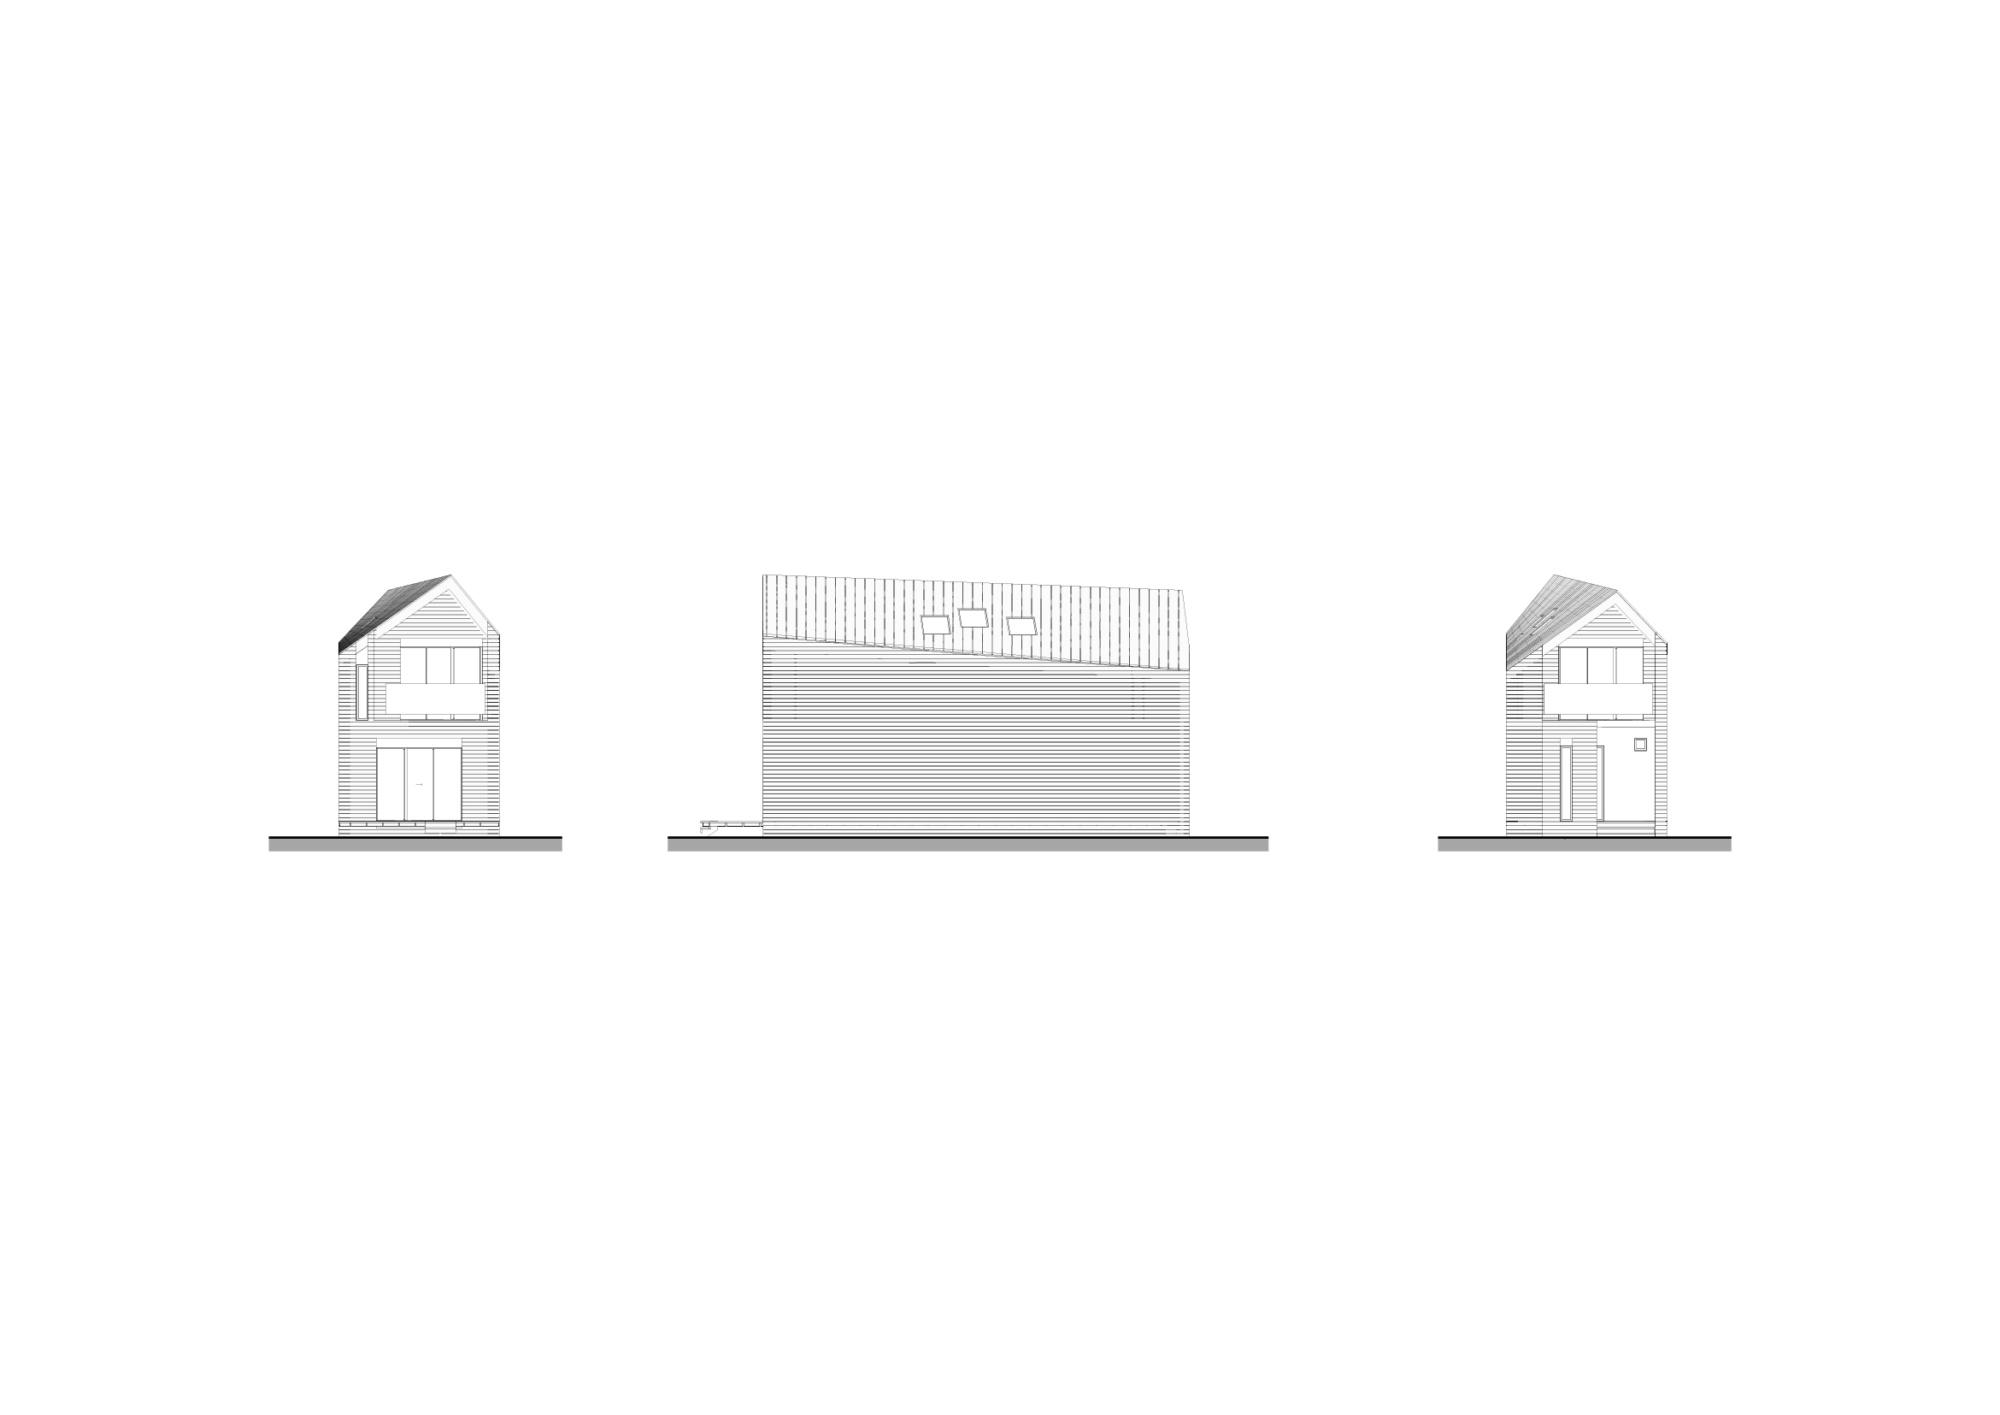 Блокированный дом. Архитектурная концепция стандартного малоэтажного жилья и жилой застройки. ©DMTRVK